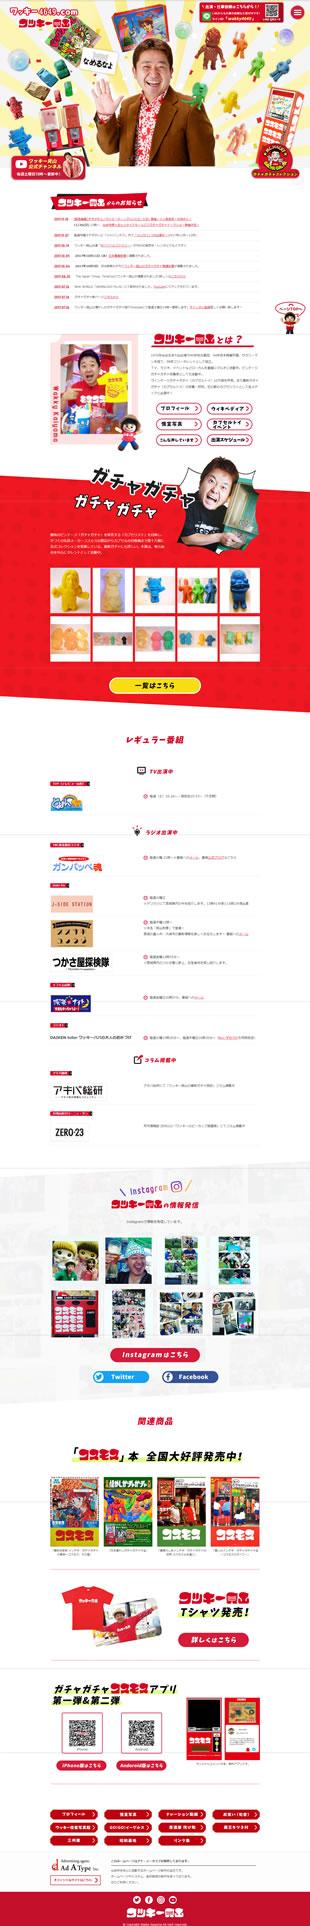 仙台のローカルタレント「ワッキー貝山」オフィシャルサイト